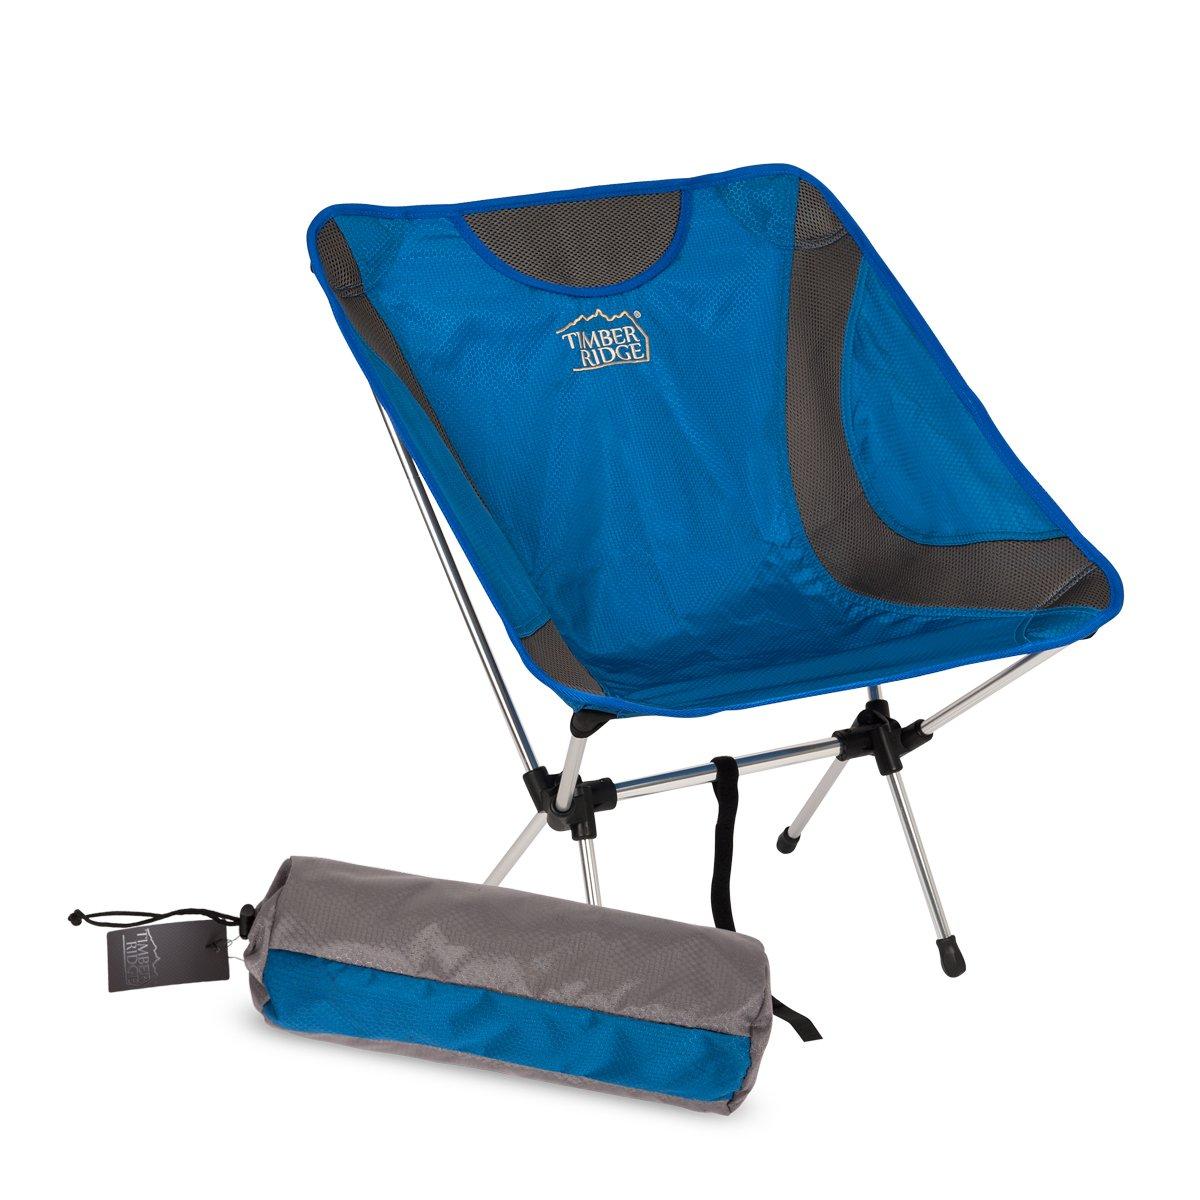 折りたたみポータブル軽量キャンプAluminum Chair with Carry Bag for Outdoor Supports 300lbs B06XXSV5TZ